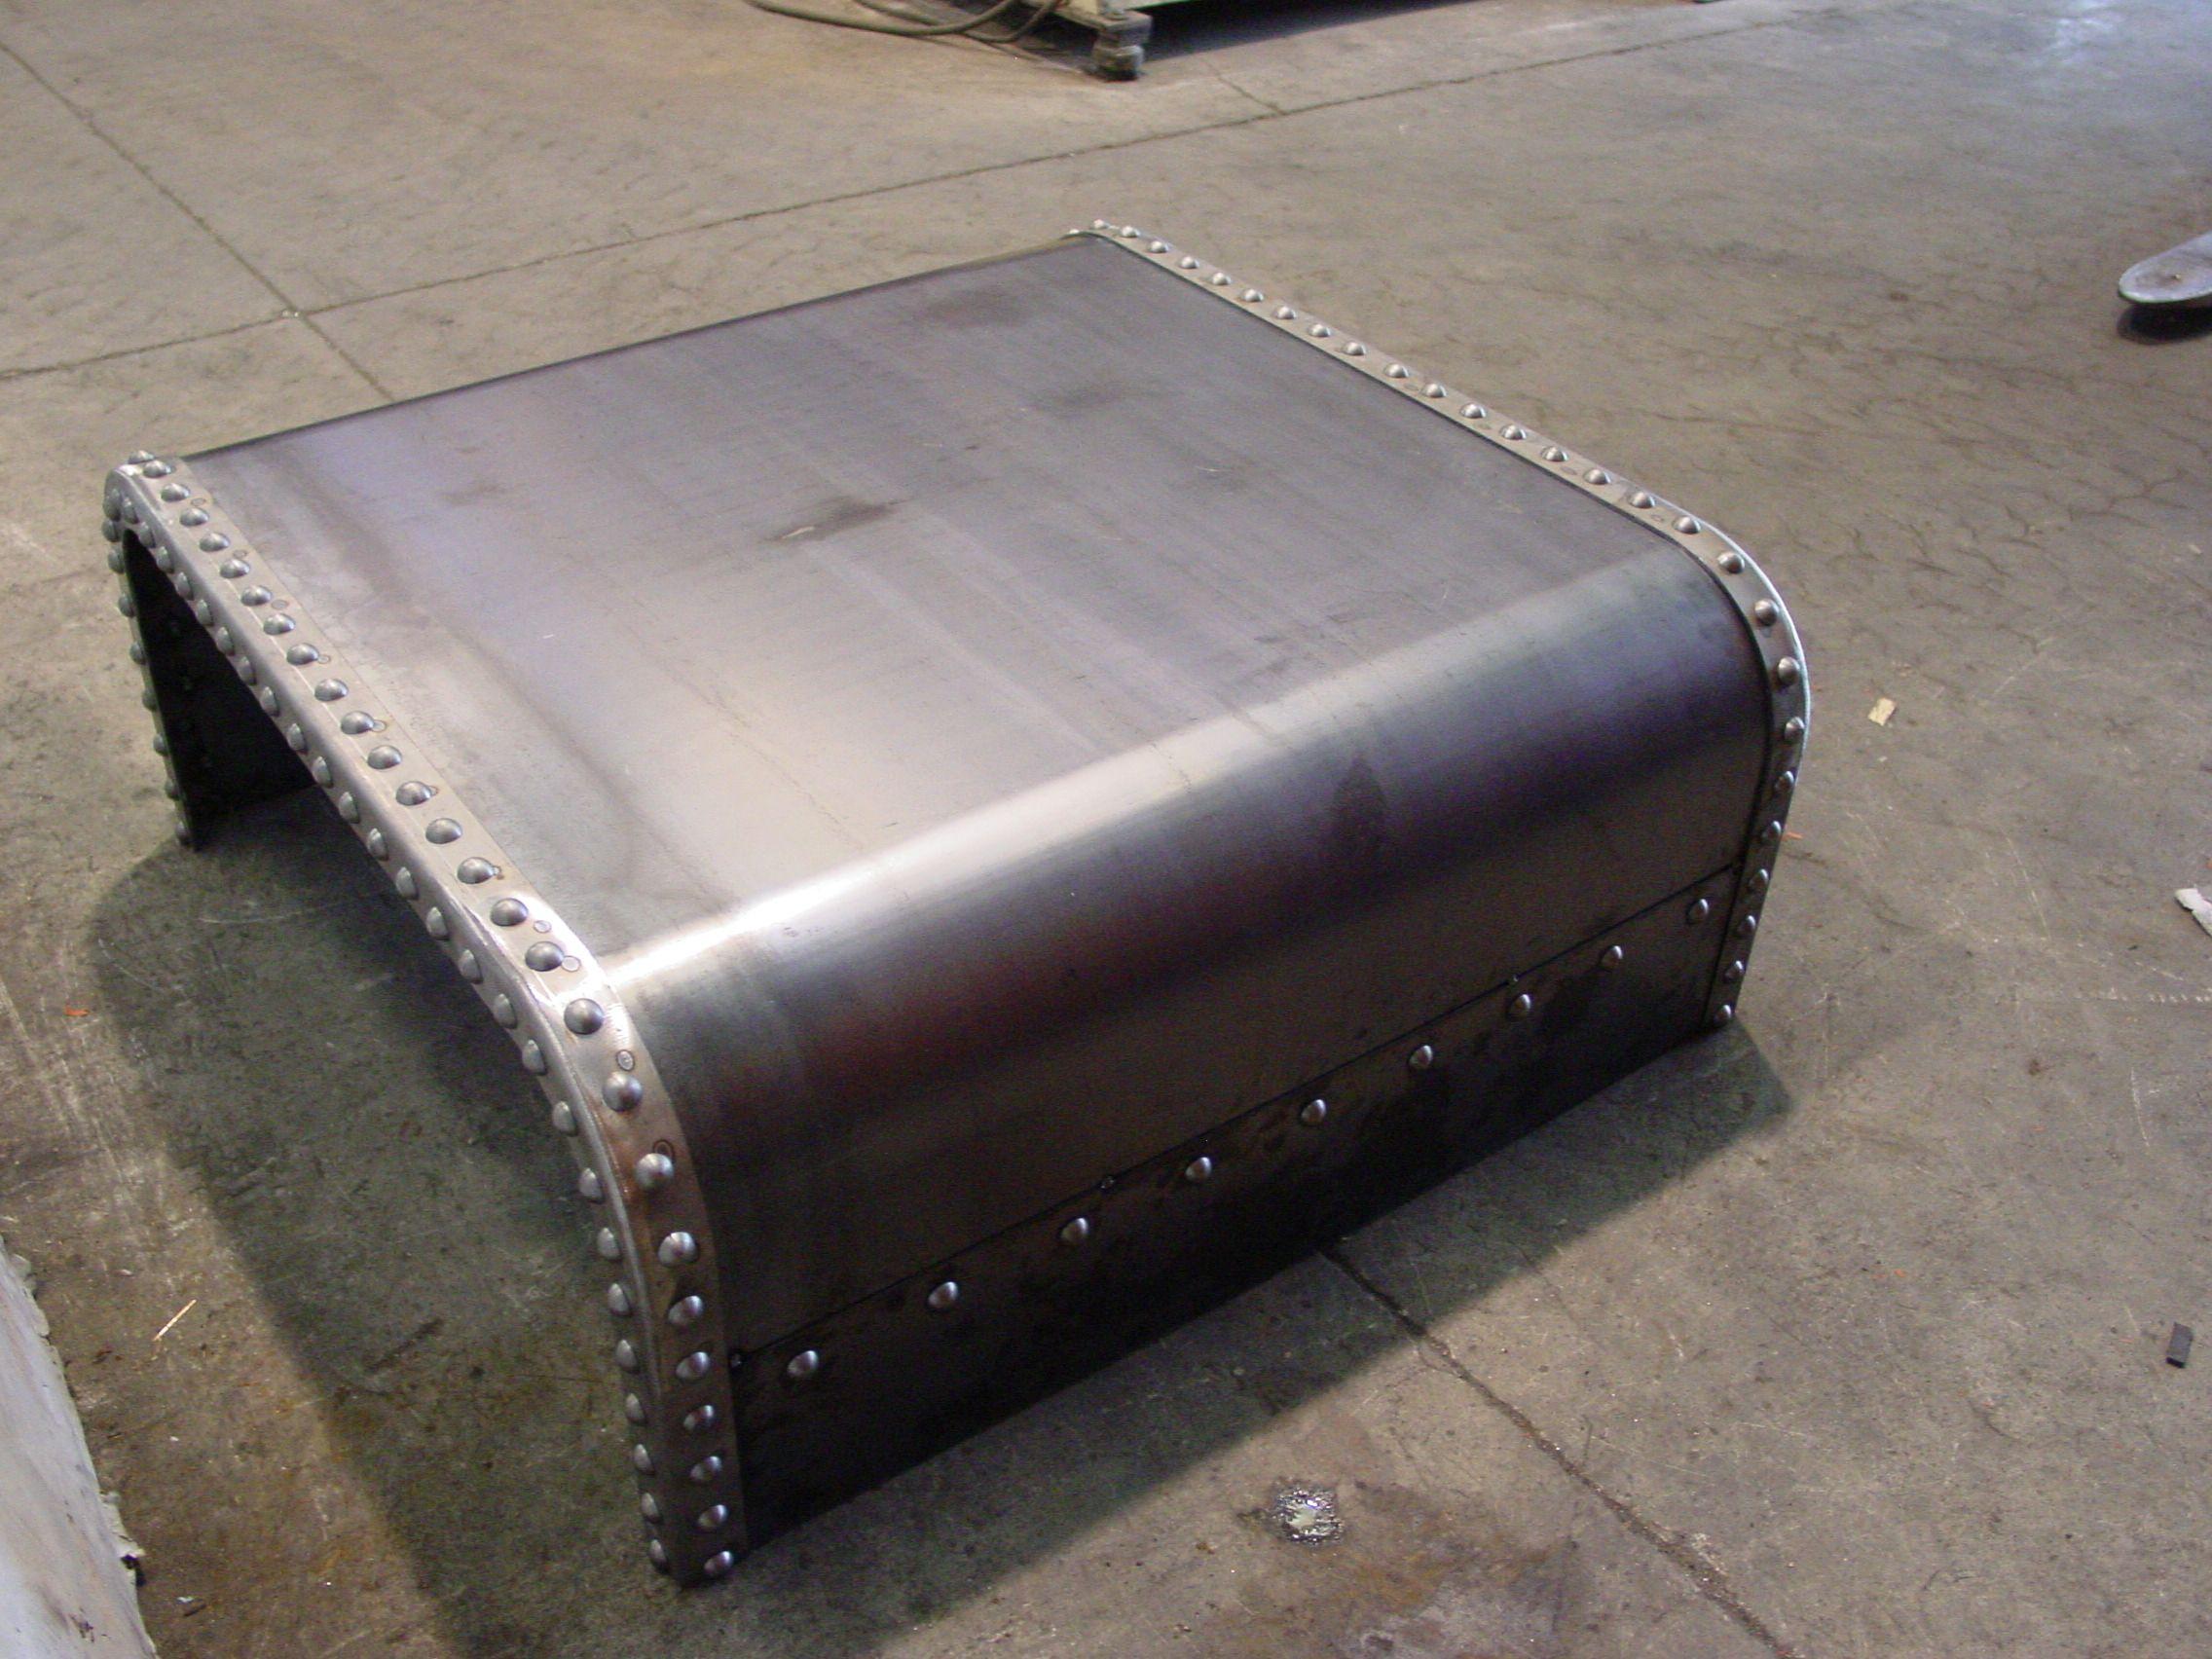 Mesa en chapa de hierro con remaches tama o peque o for Remaches de hierro